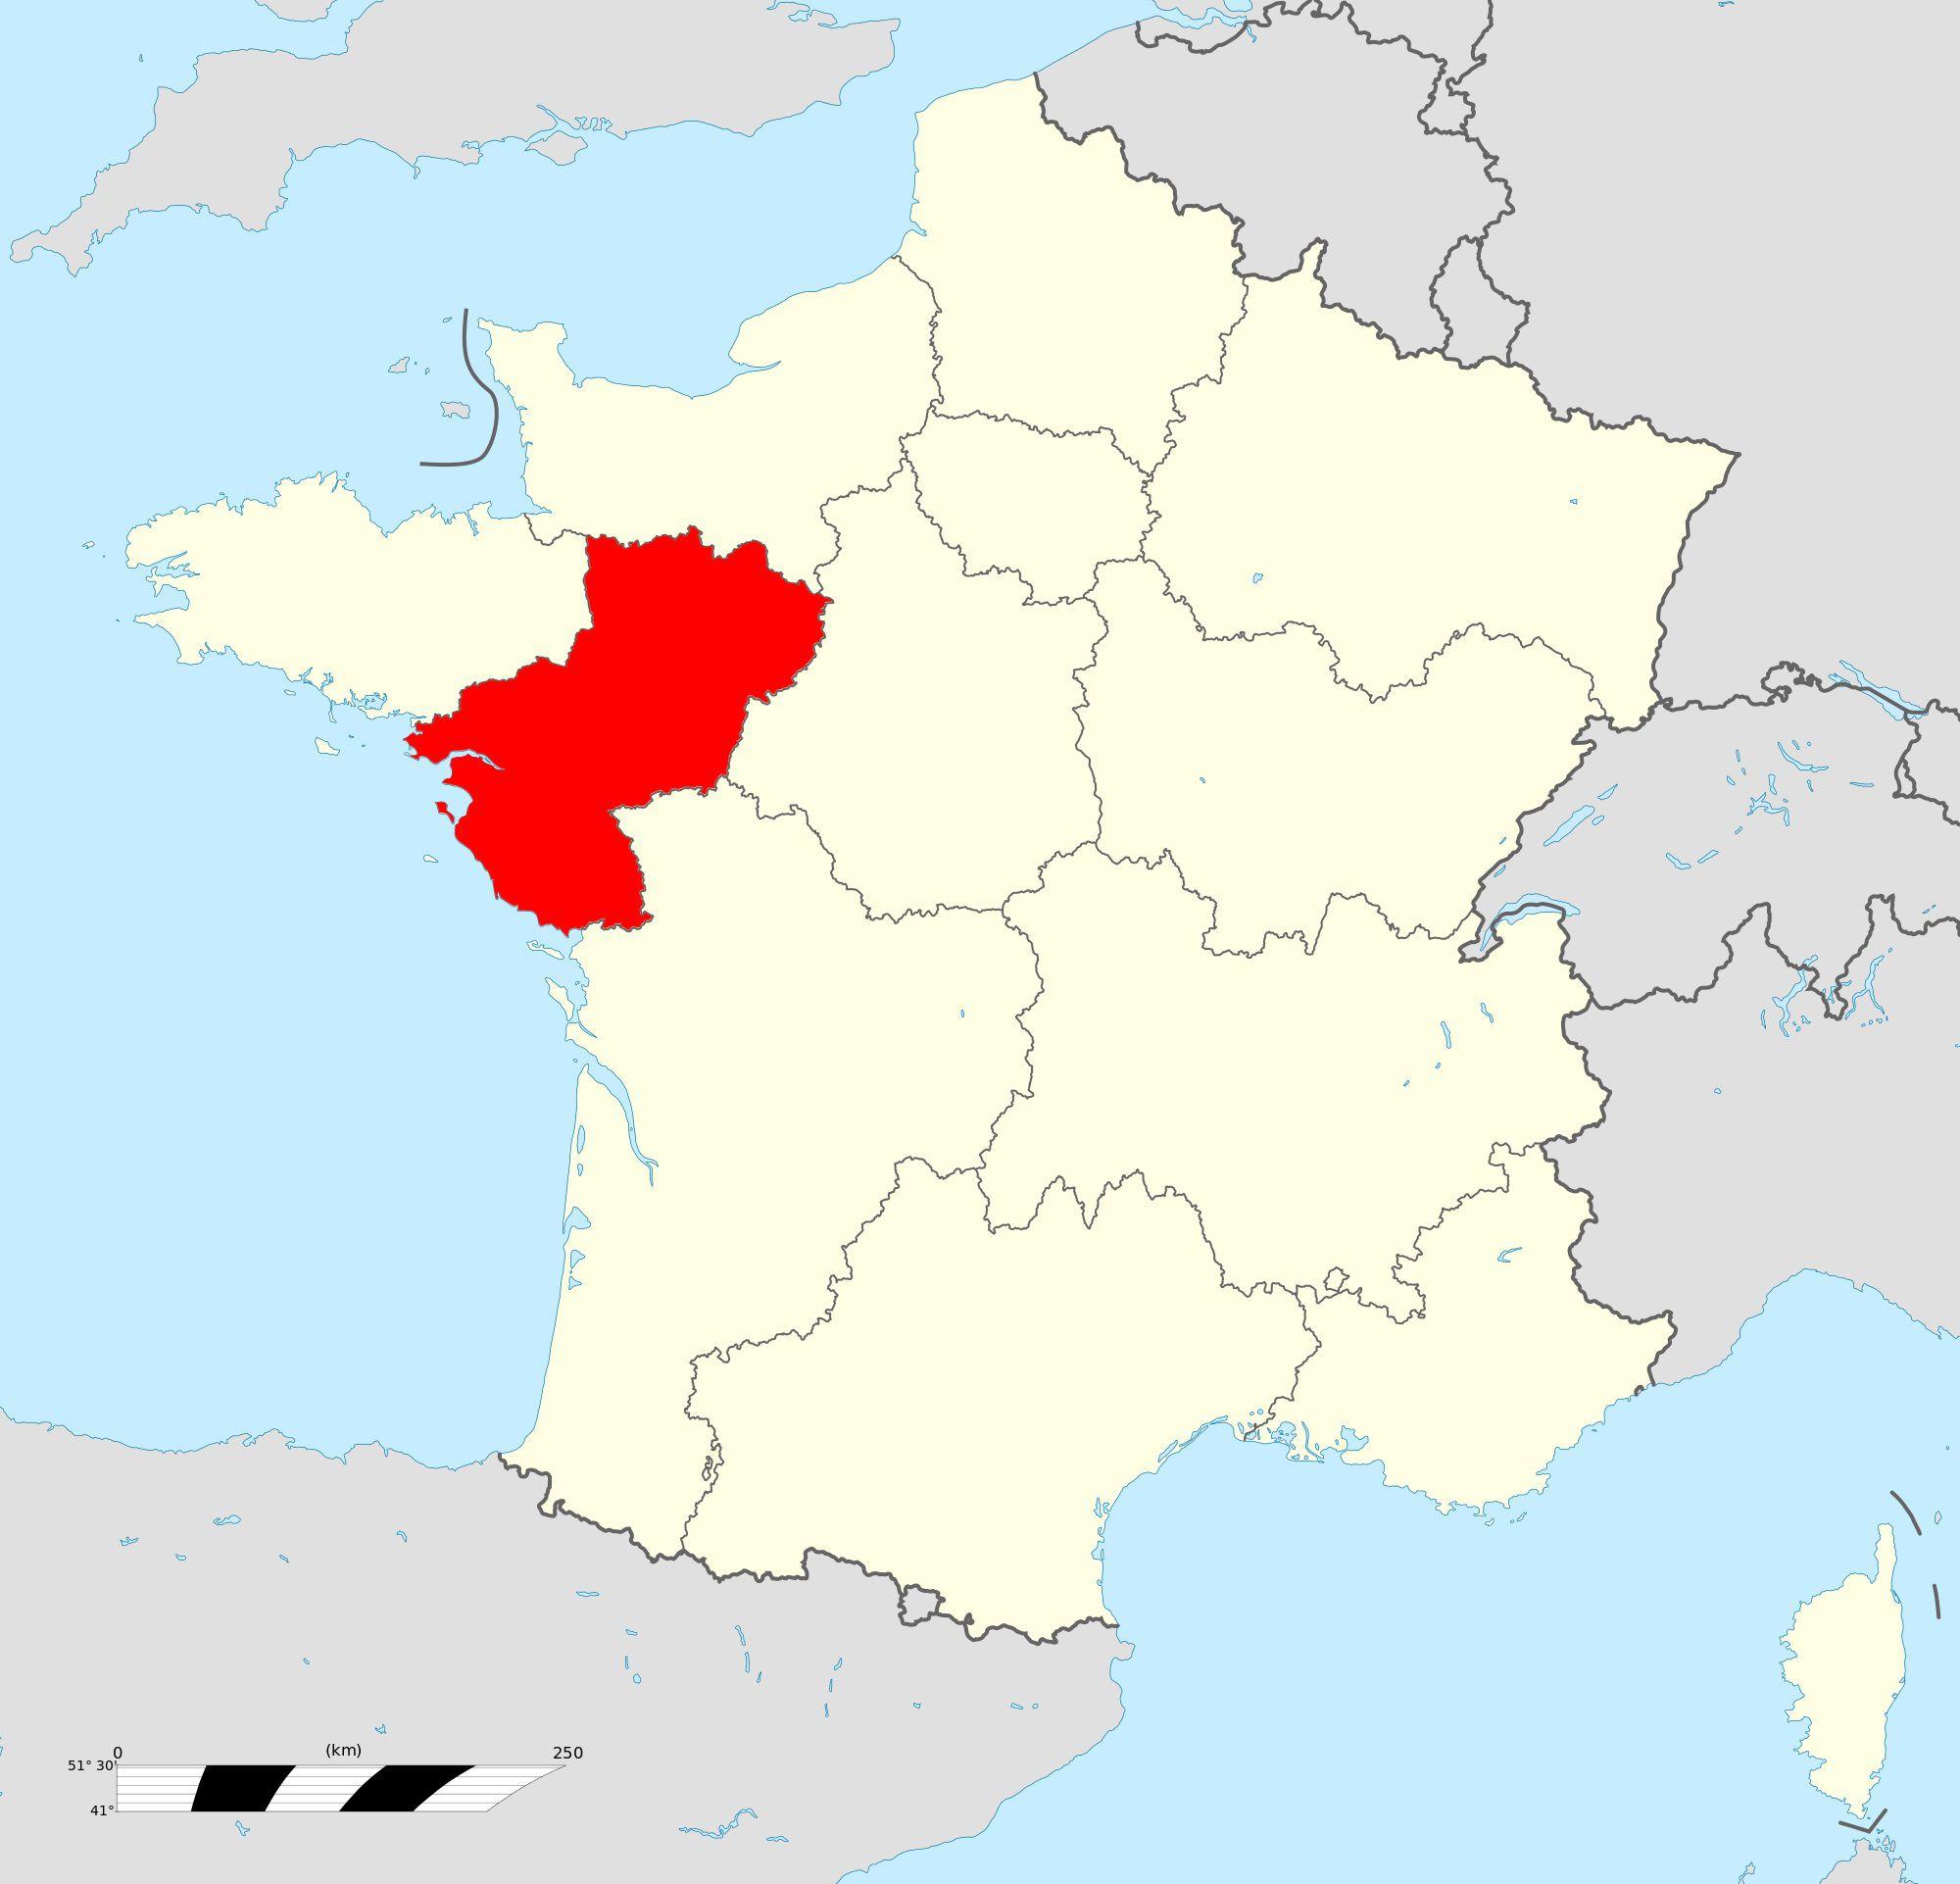 Où se trouve la région des Pays de la Loire en France ?